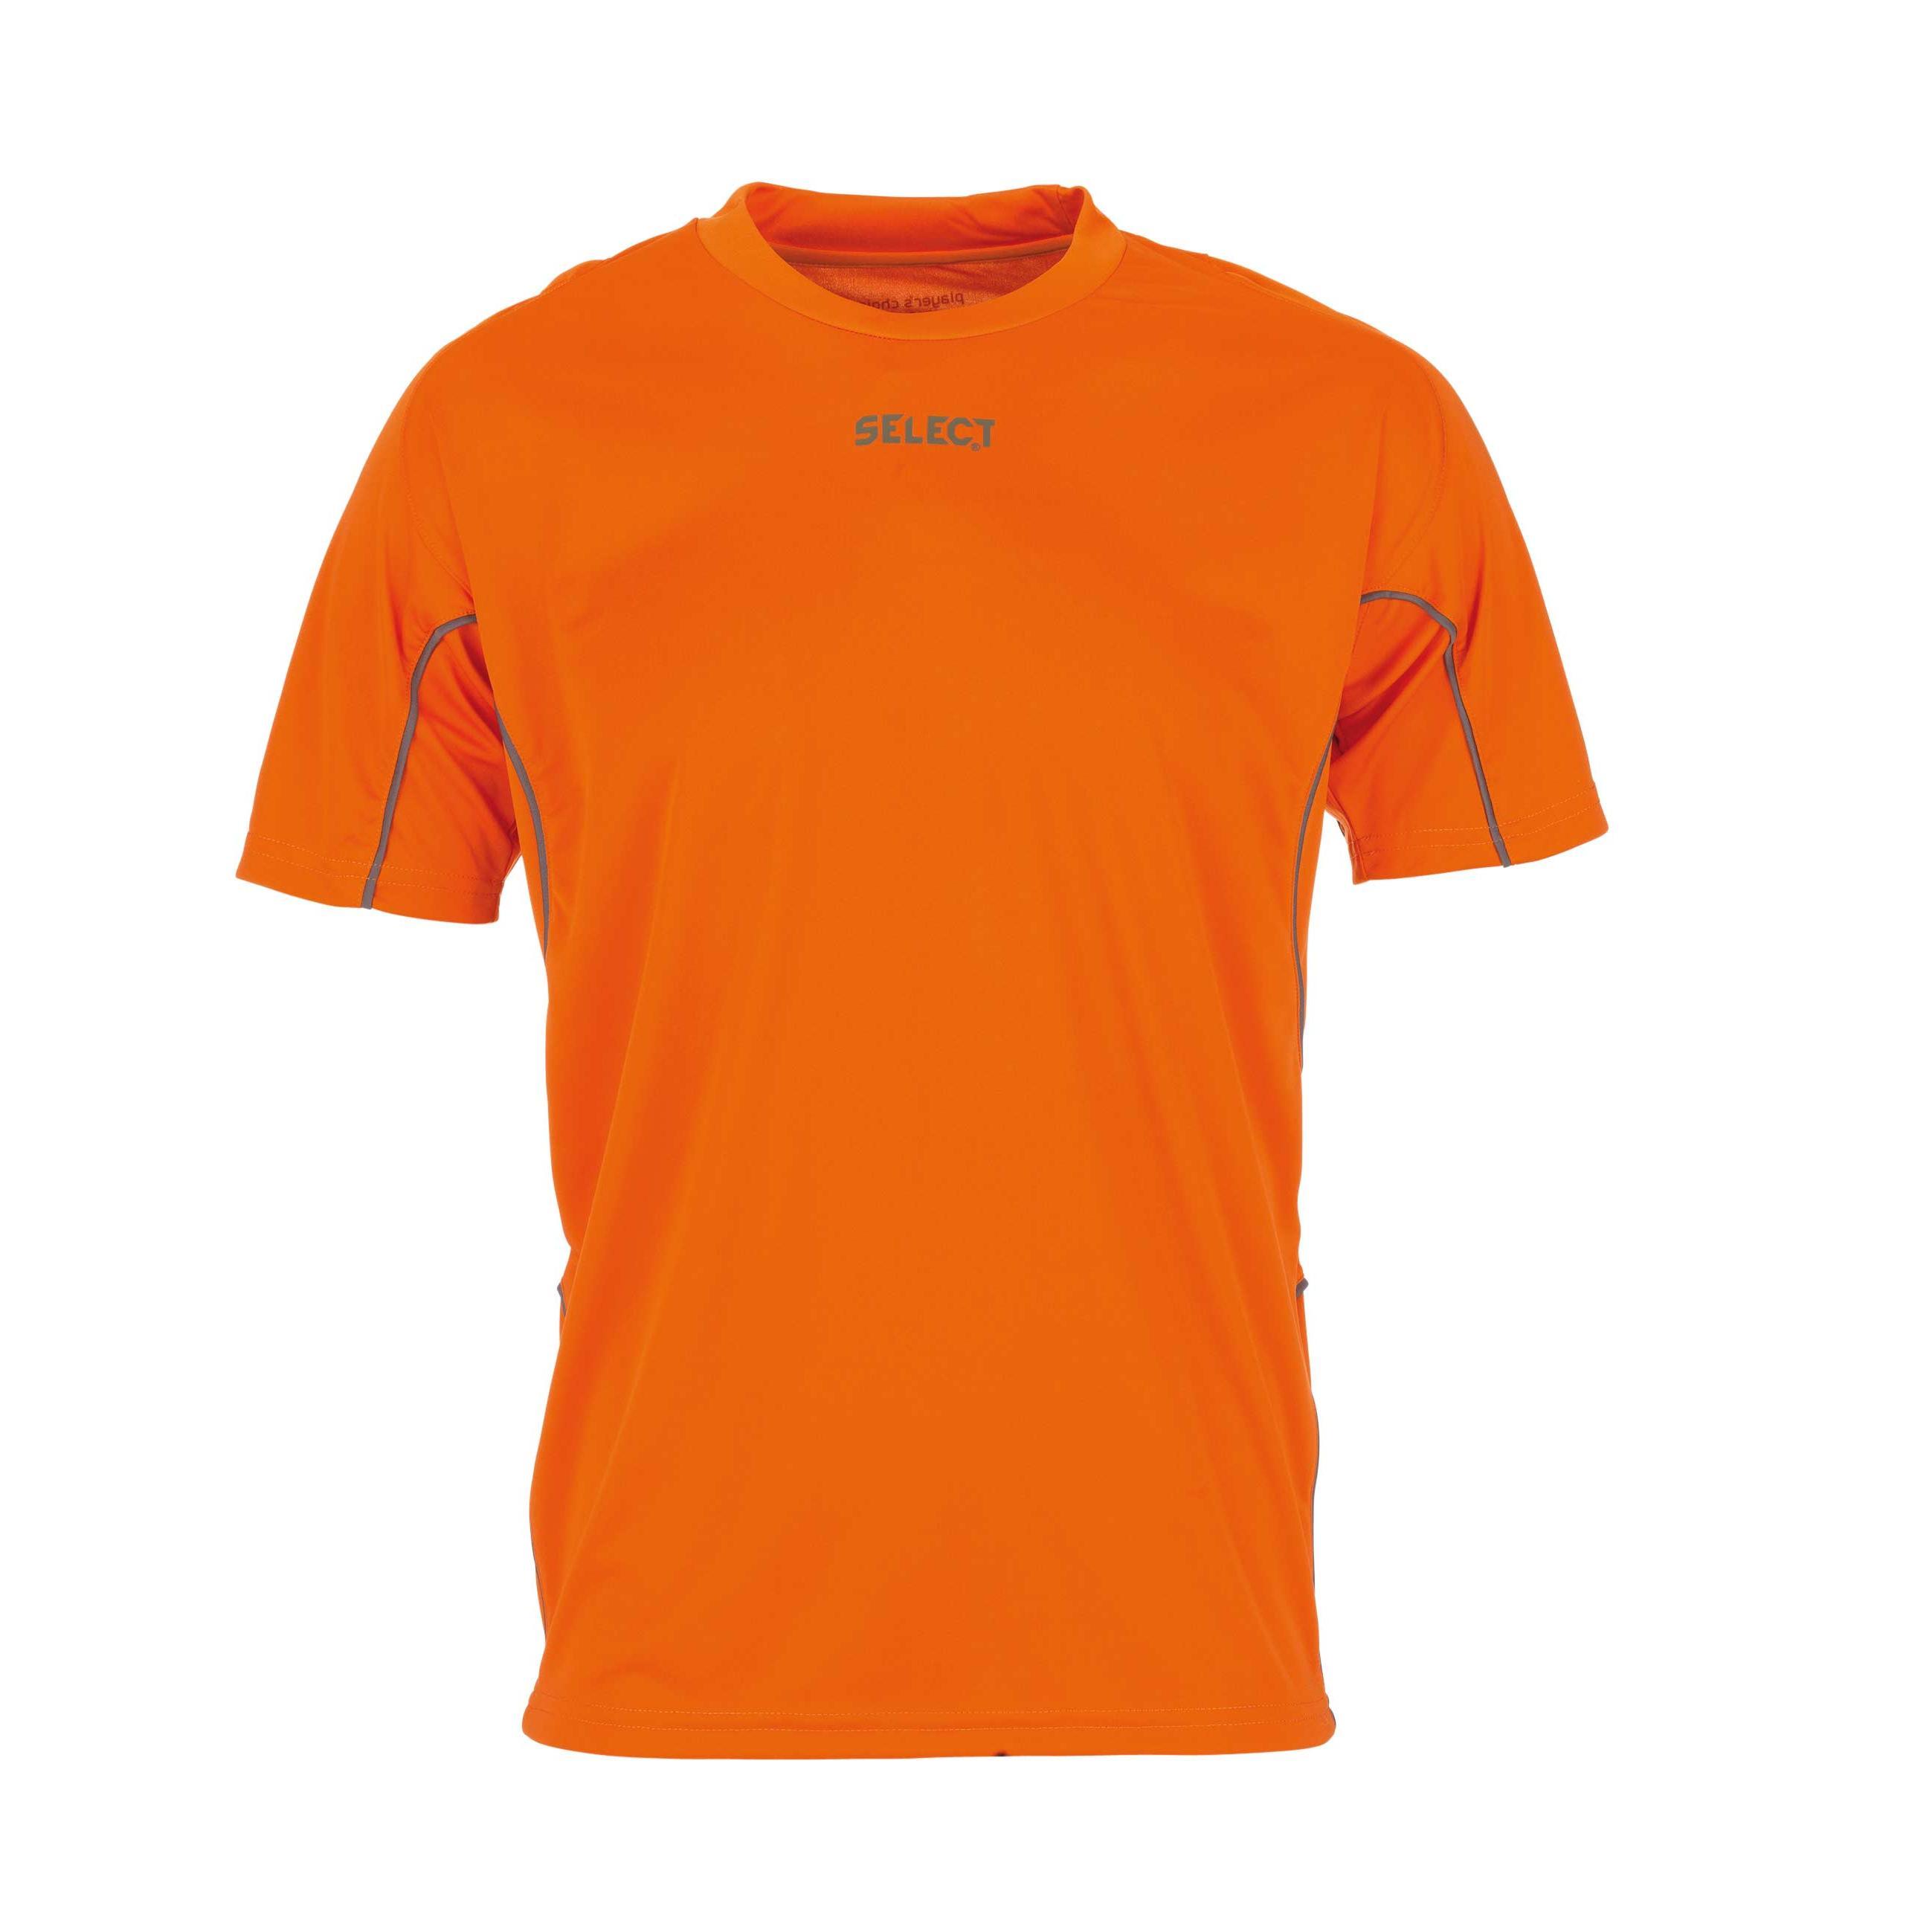 Select - Spilletrøje Portugal Orange